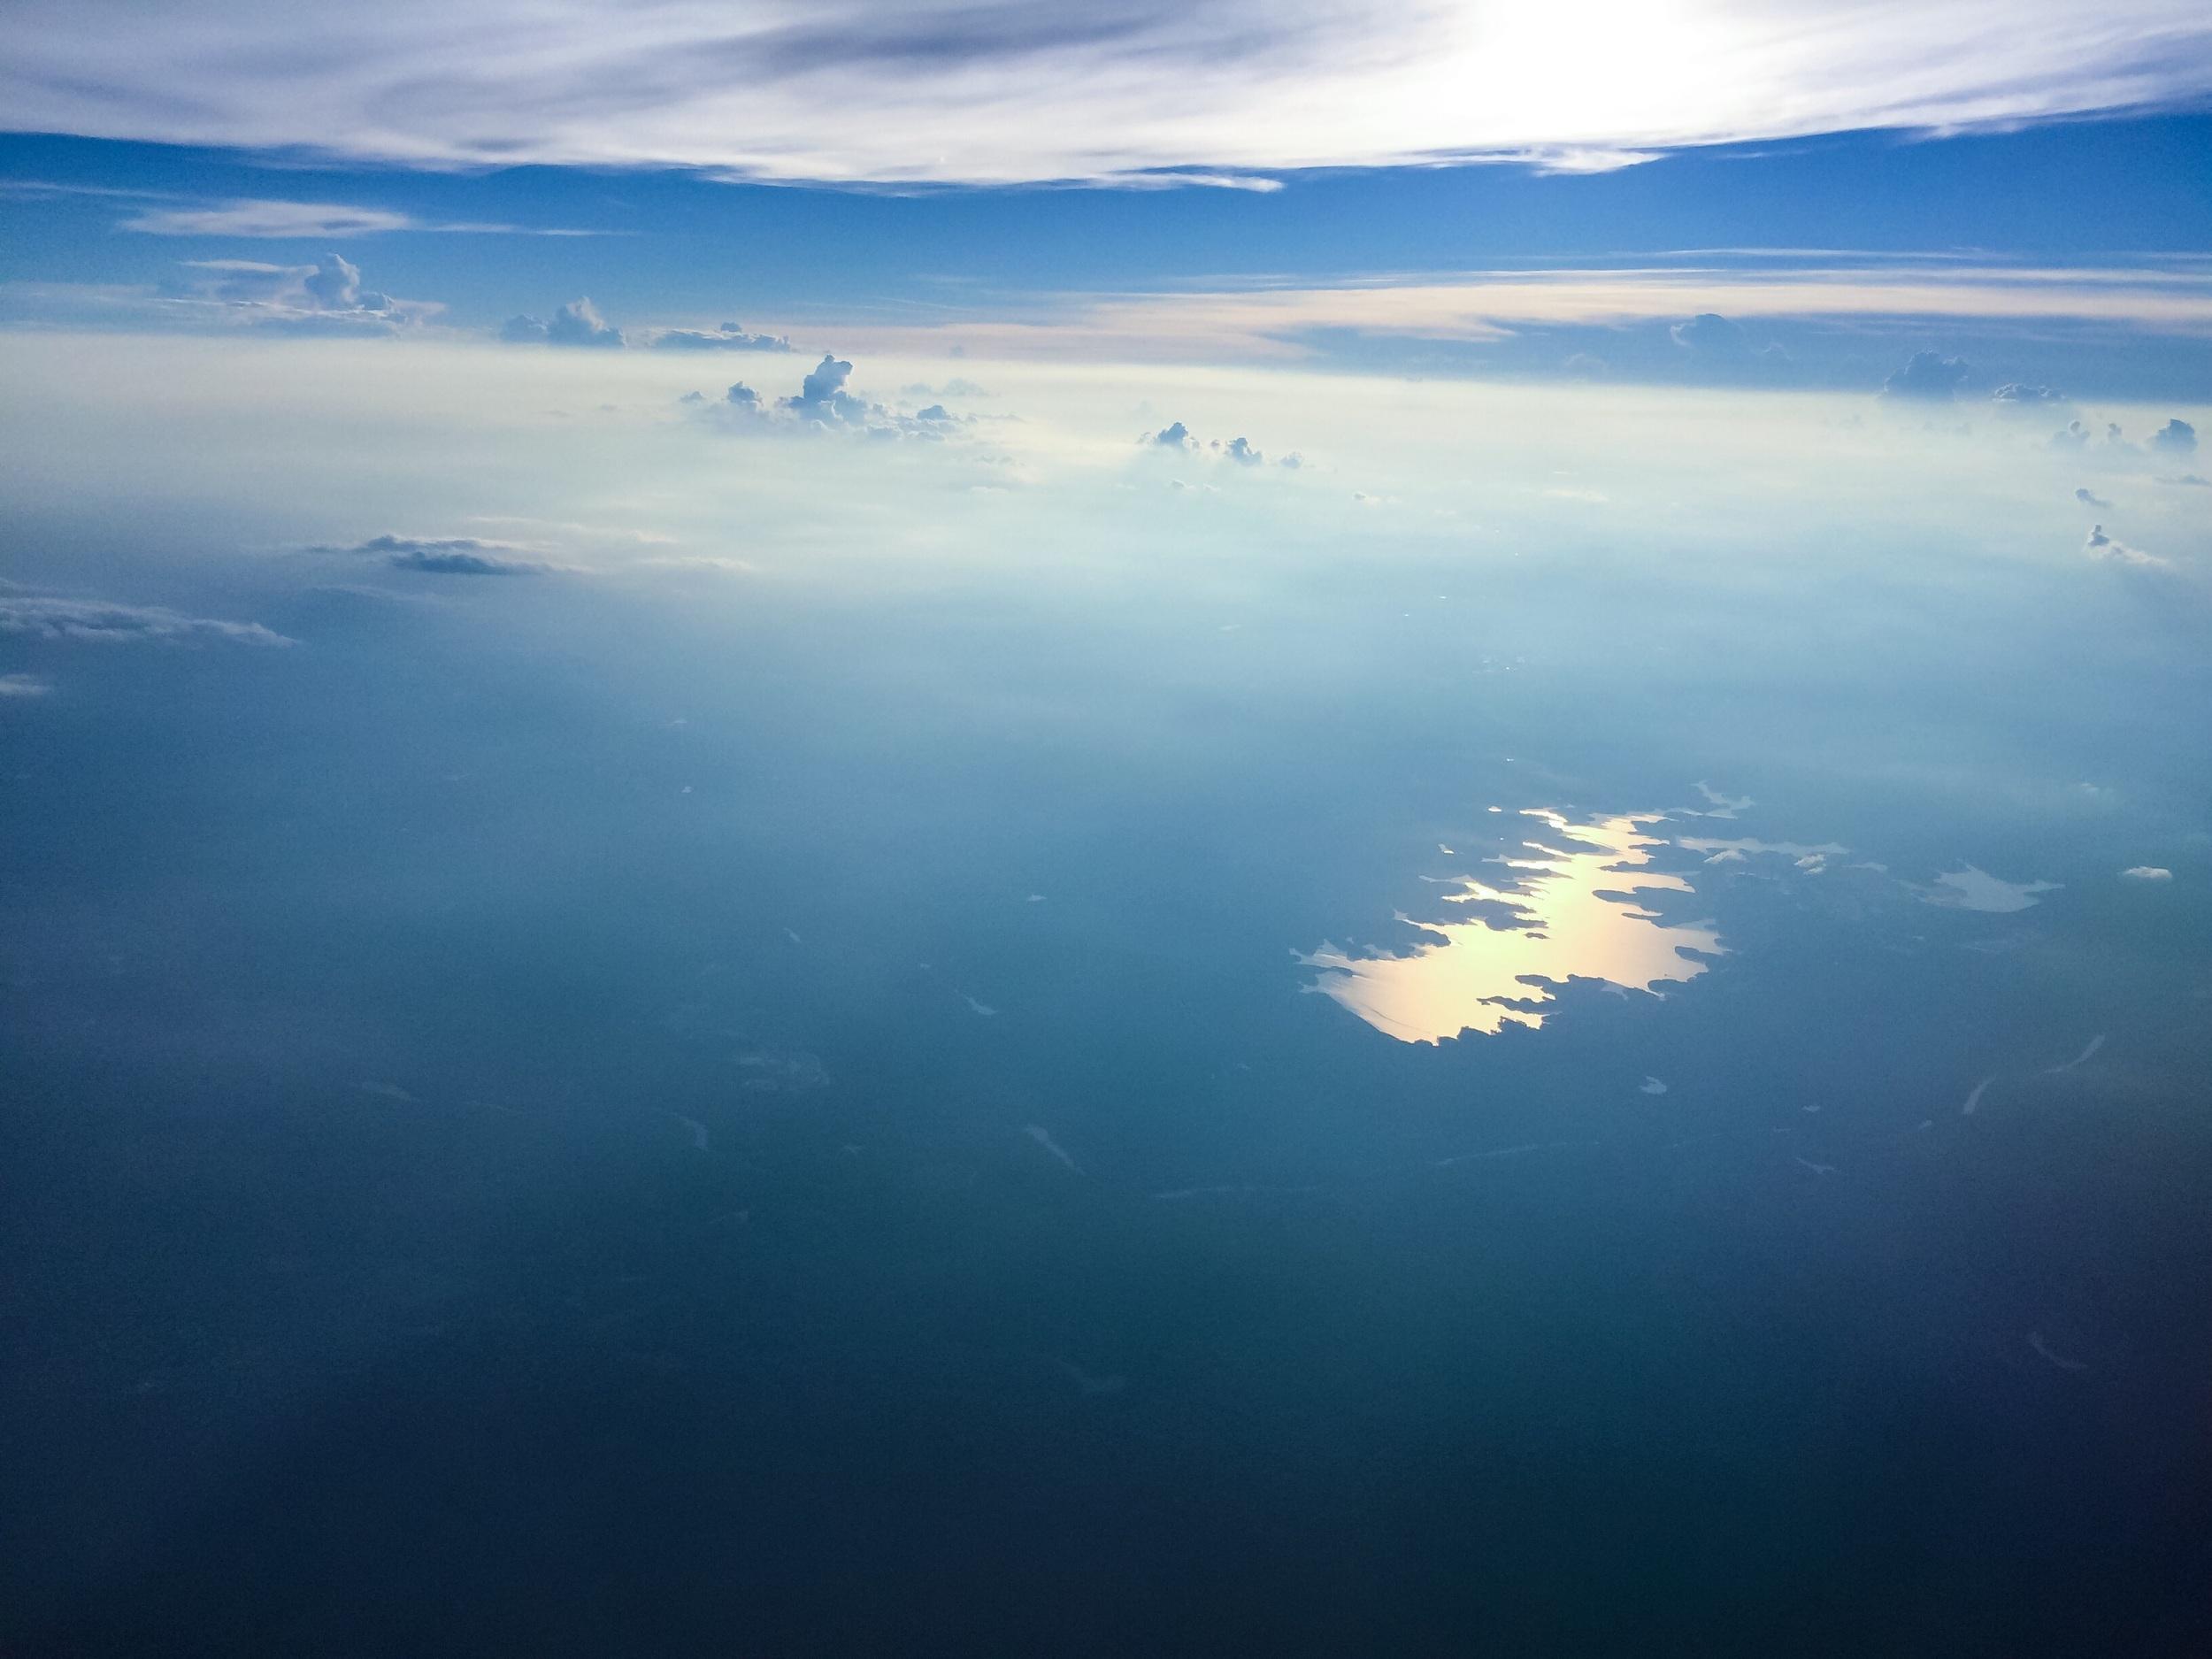 puerto-rico-clouds-8.jpg